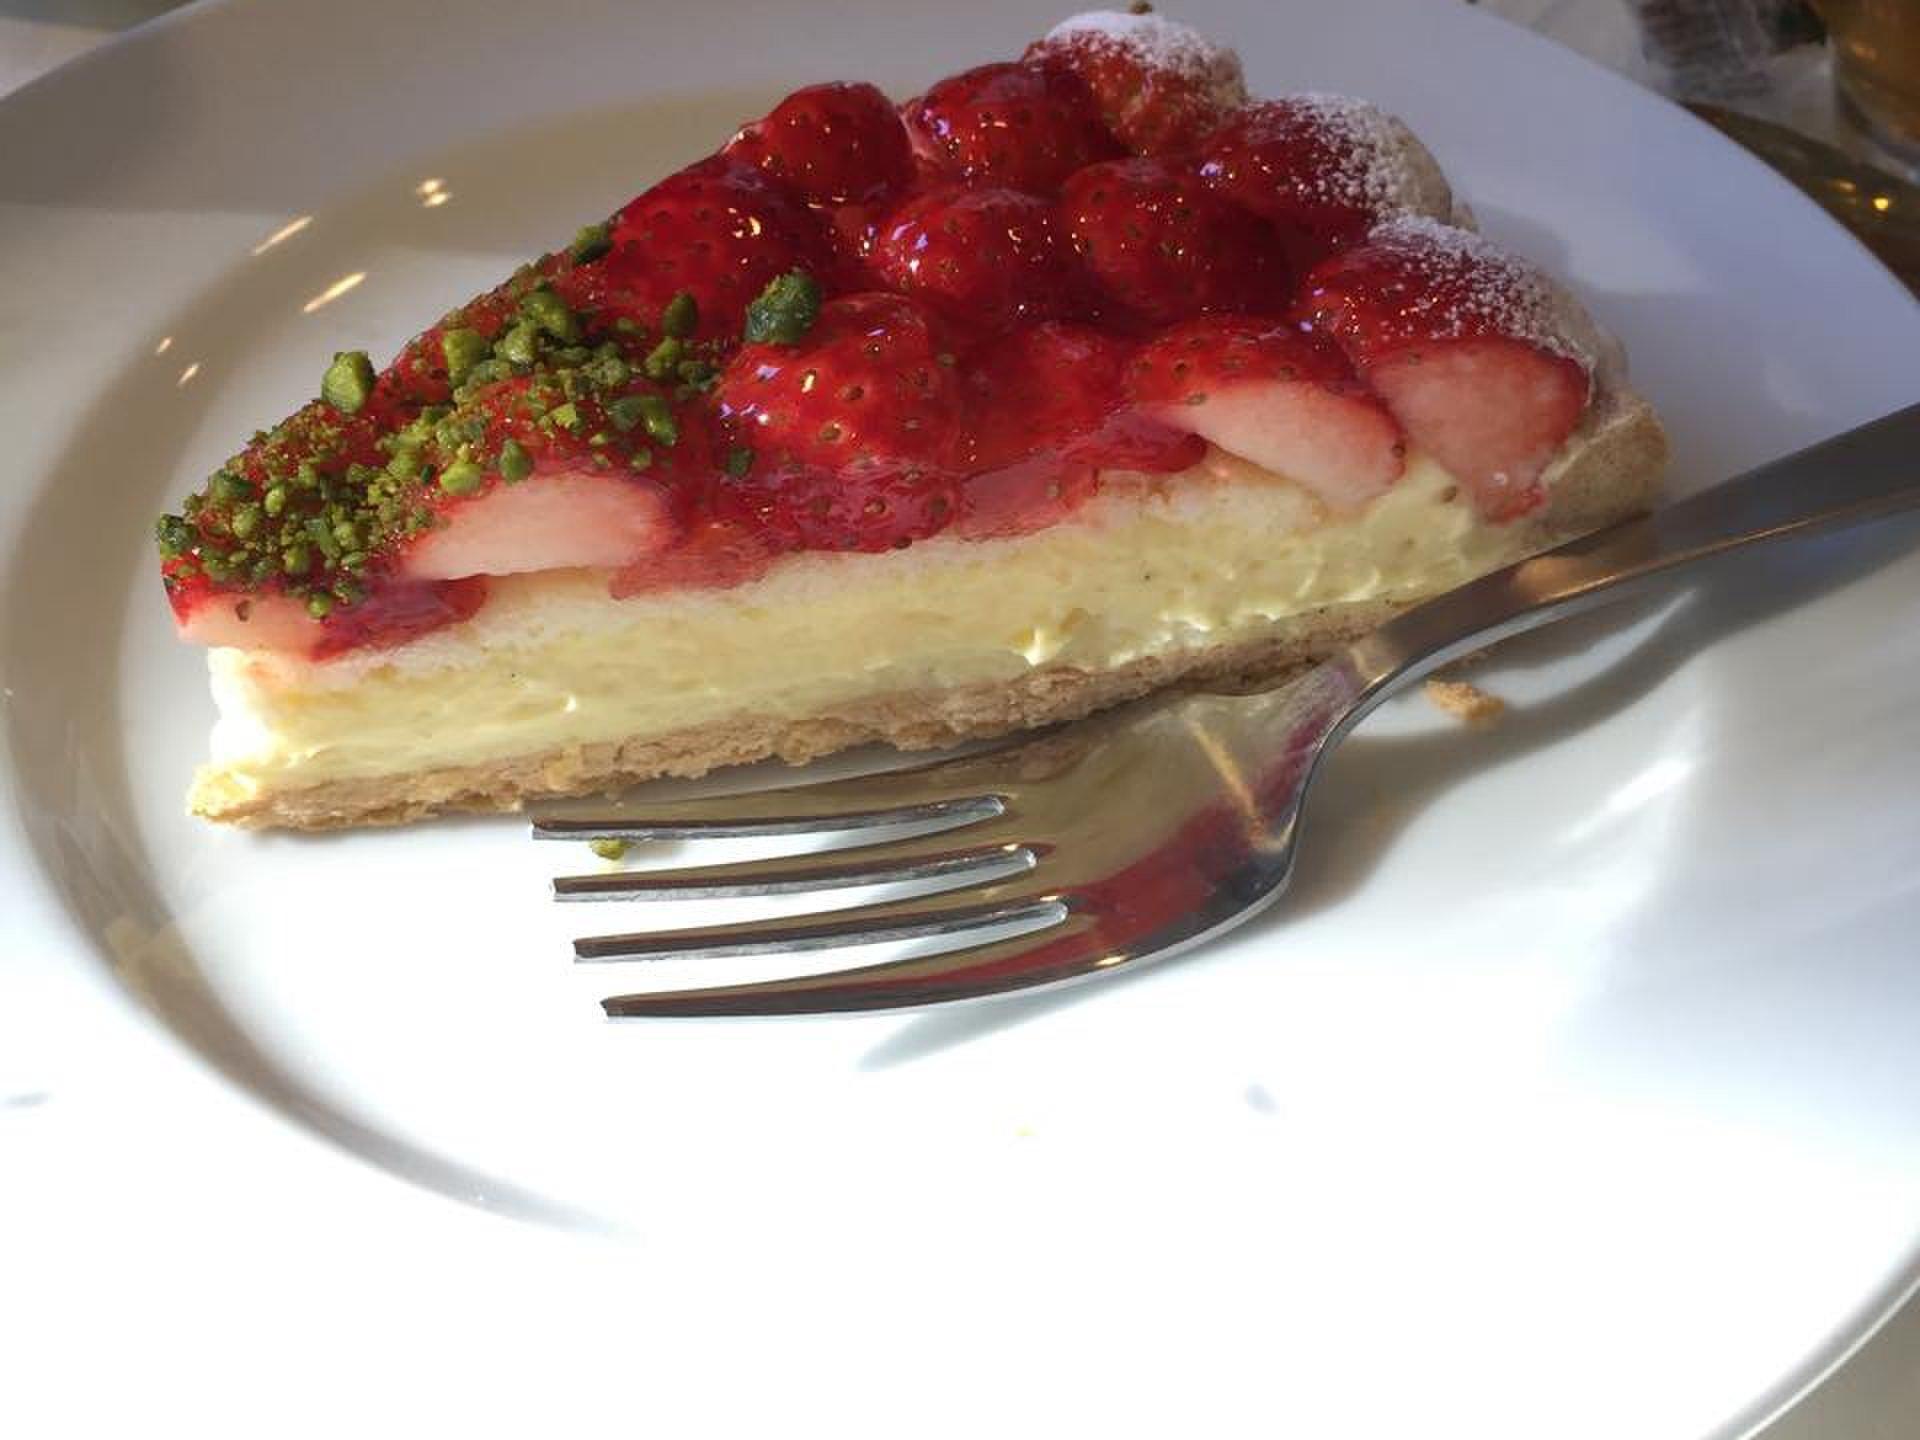 【新宿御苑のケーキ屋さん『フリップス』】旬の果物がたっぷり☆この時期はいちごのタルトオススメ♪